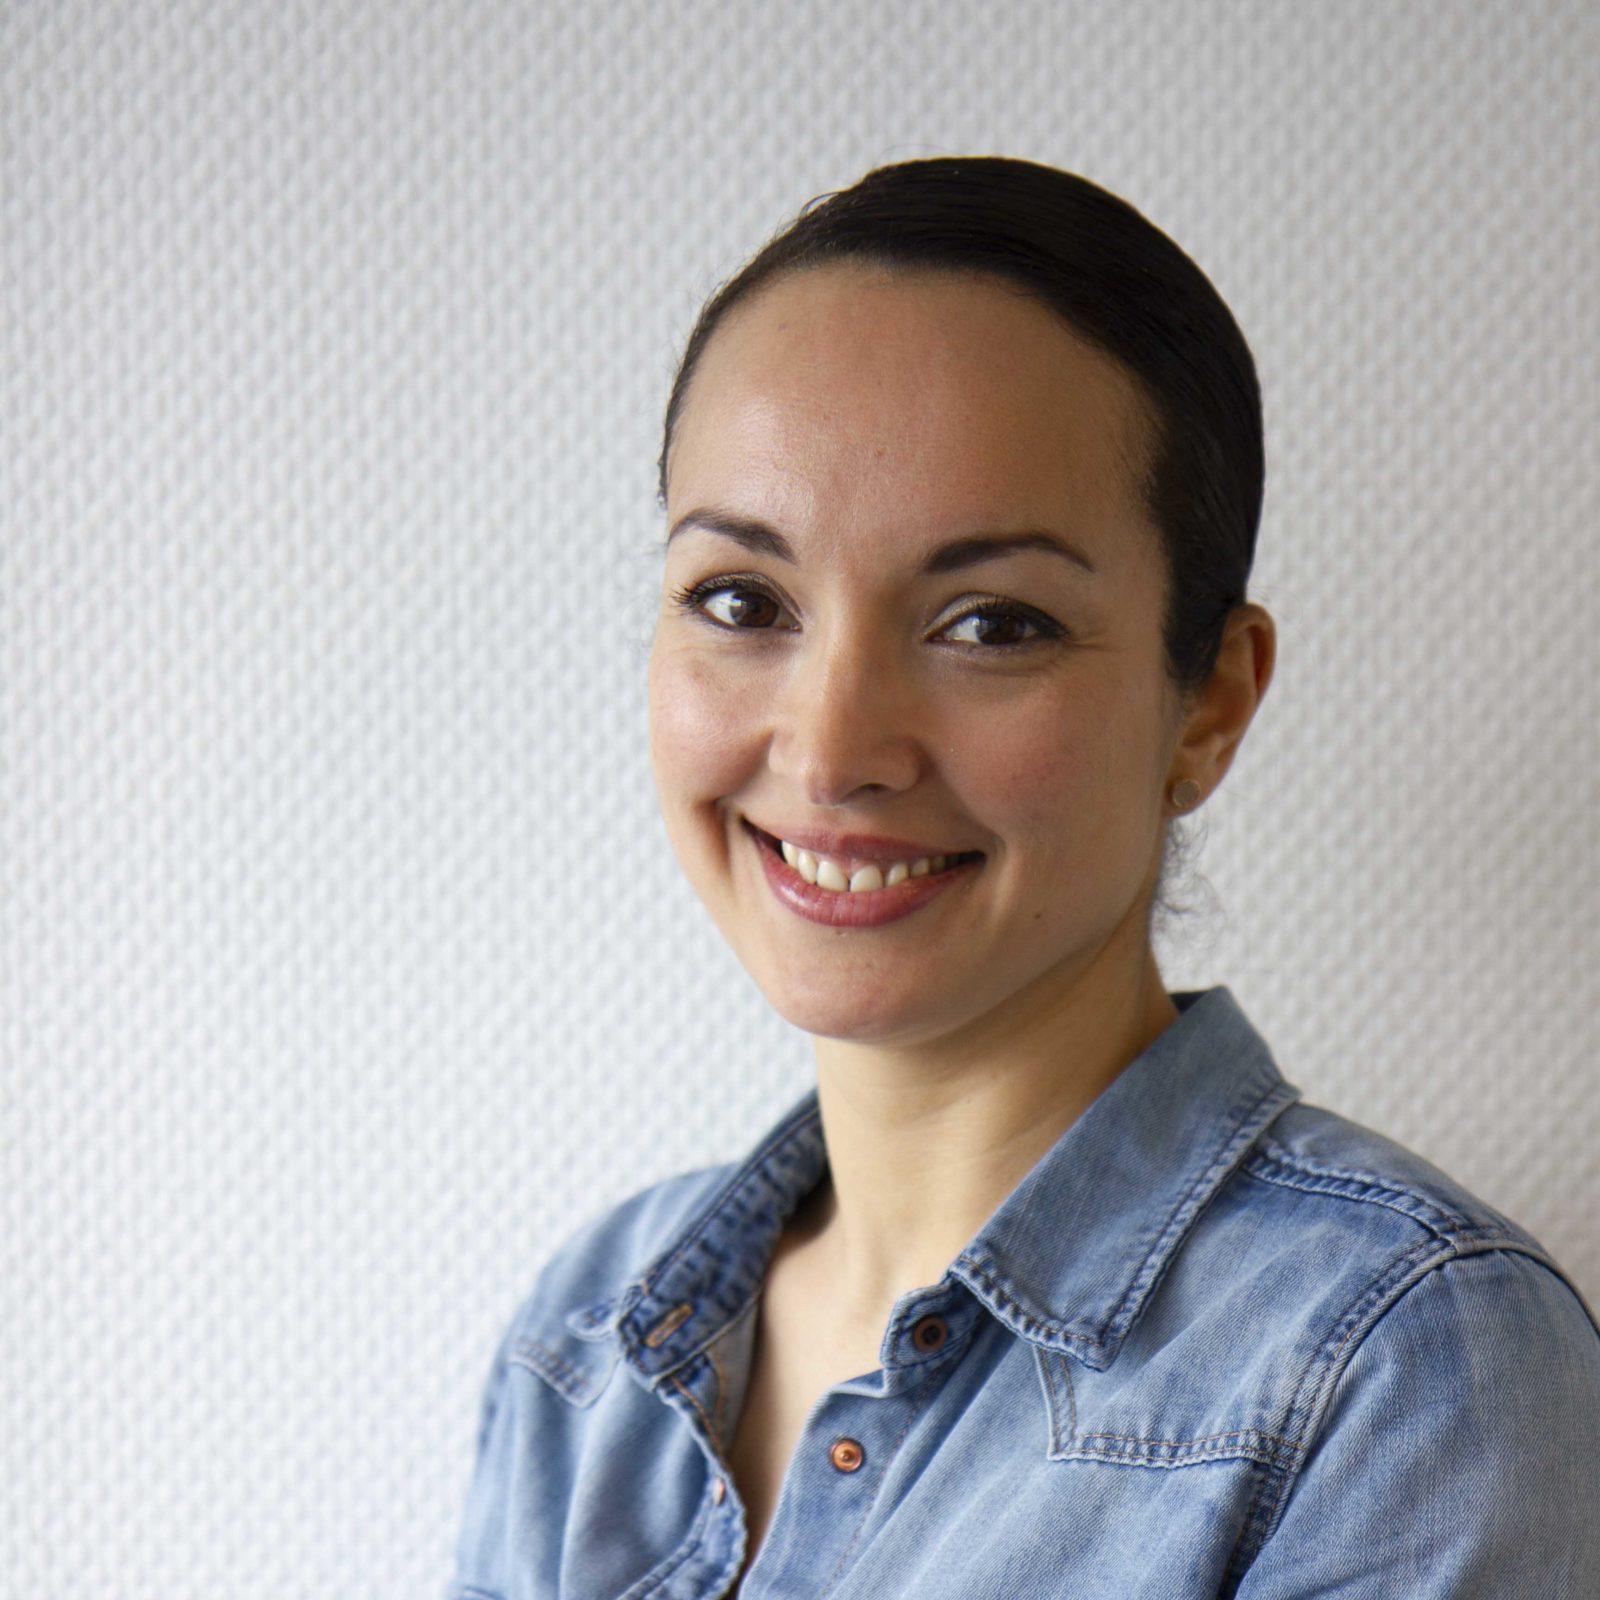 Thalita Fredriksz